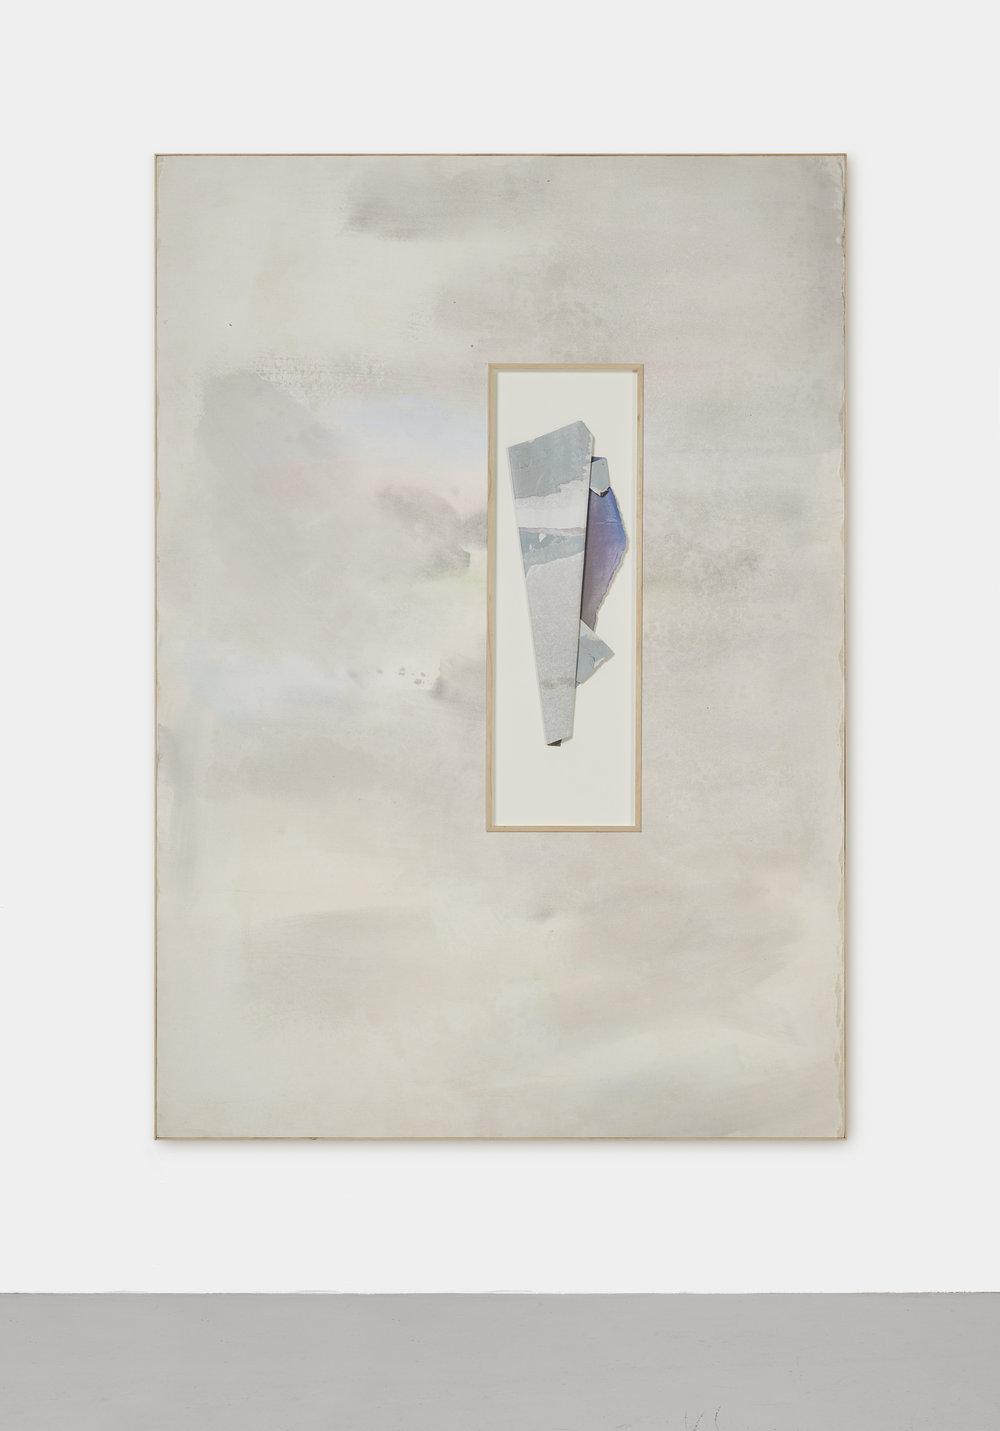 Le soleil se lève derrière l'abstraction, XXIV | 2019 | Acryl und Kreide auf Leinen, Decollage und drei Nadeln hinter Glas, Künstlerrahmung | 201 x 141 x 4.5 cm | ©GALERIE ALBER